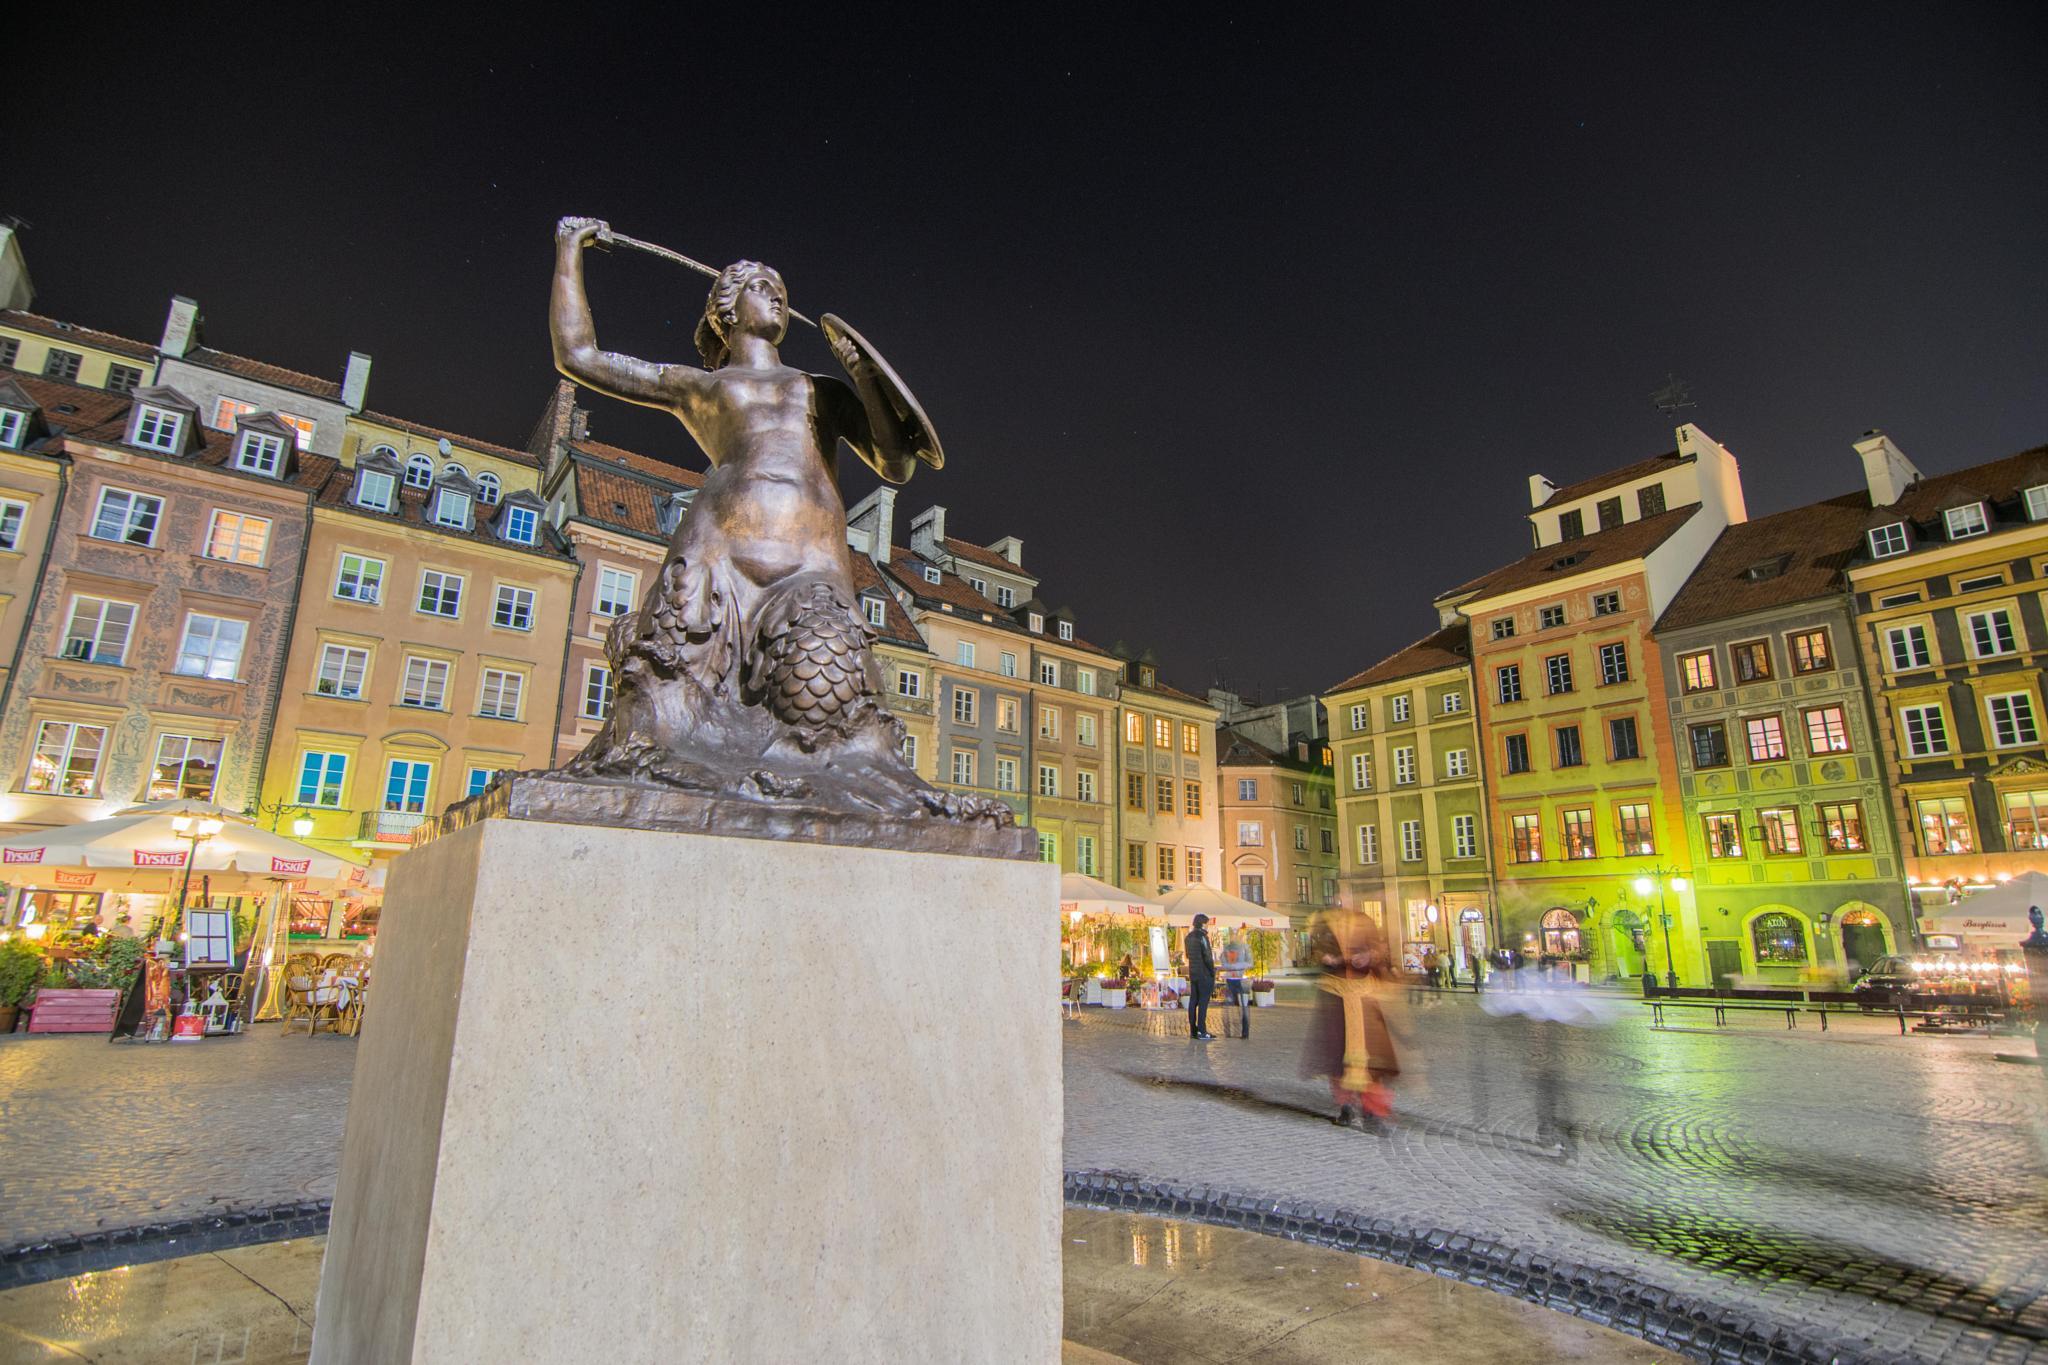 Warsaw's Mermaid by akryza